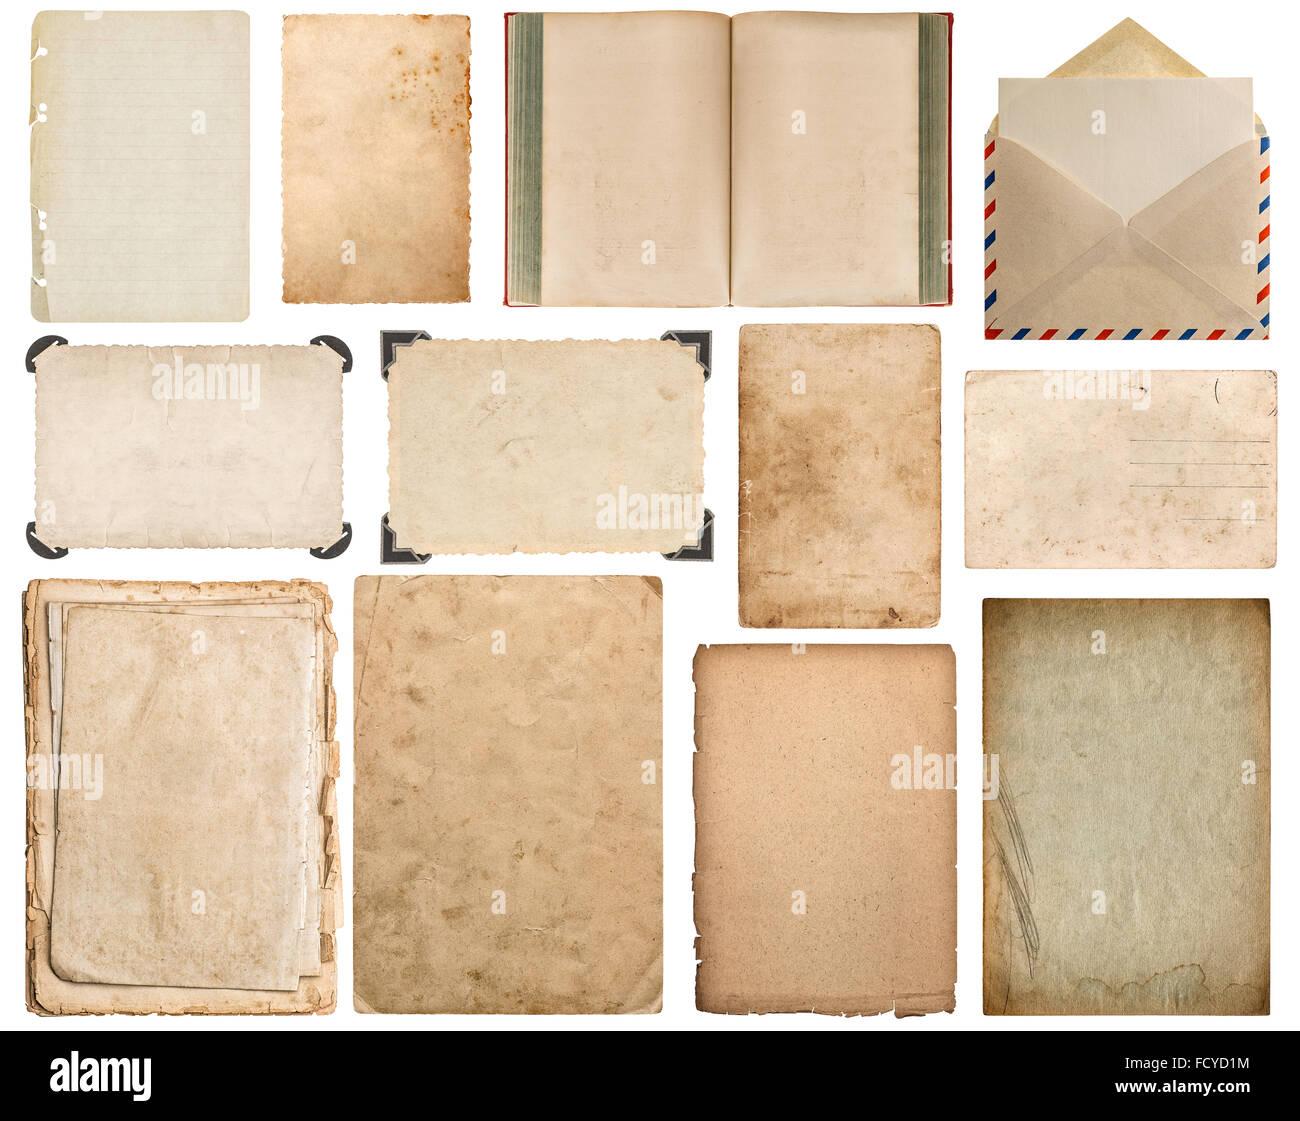 Papierblatt, Buch, Briefumschlag, Karton, Bilderrahmen mit Ecke ...